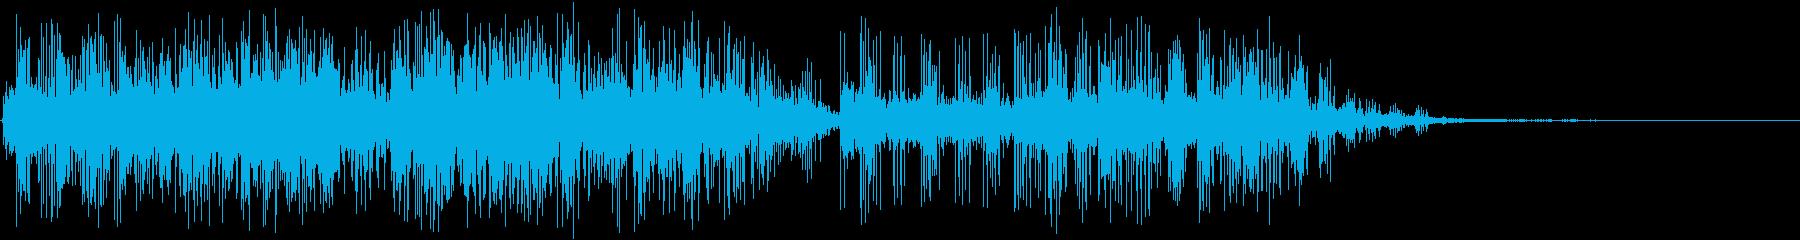 電気火炎アークバースト電気、アーク...の再生済みの波形